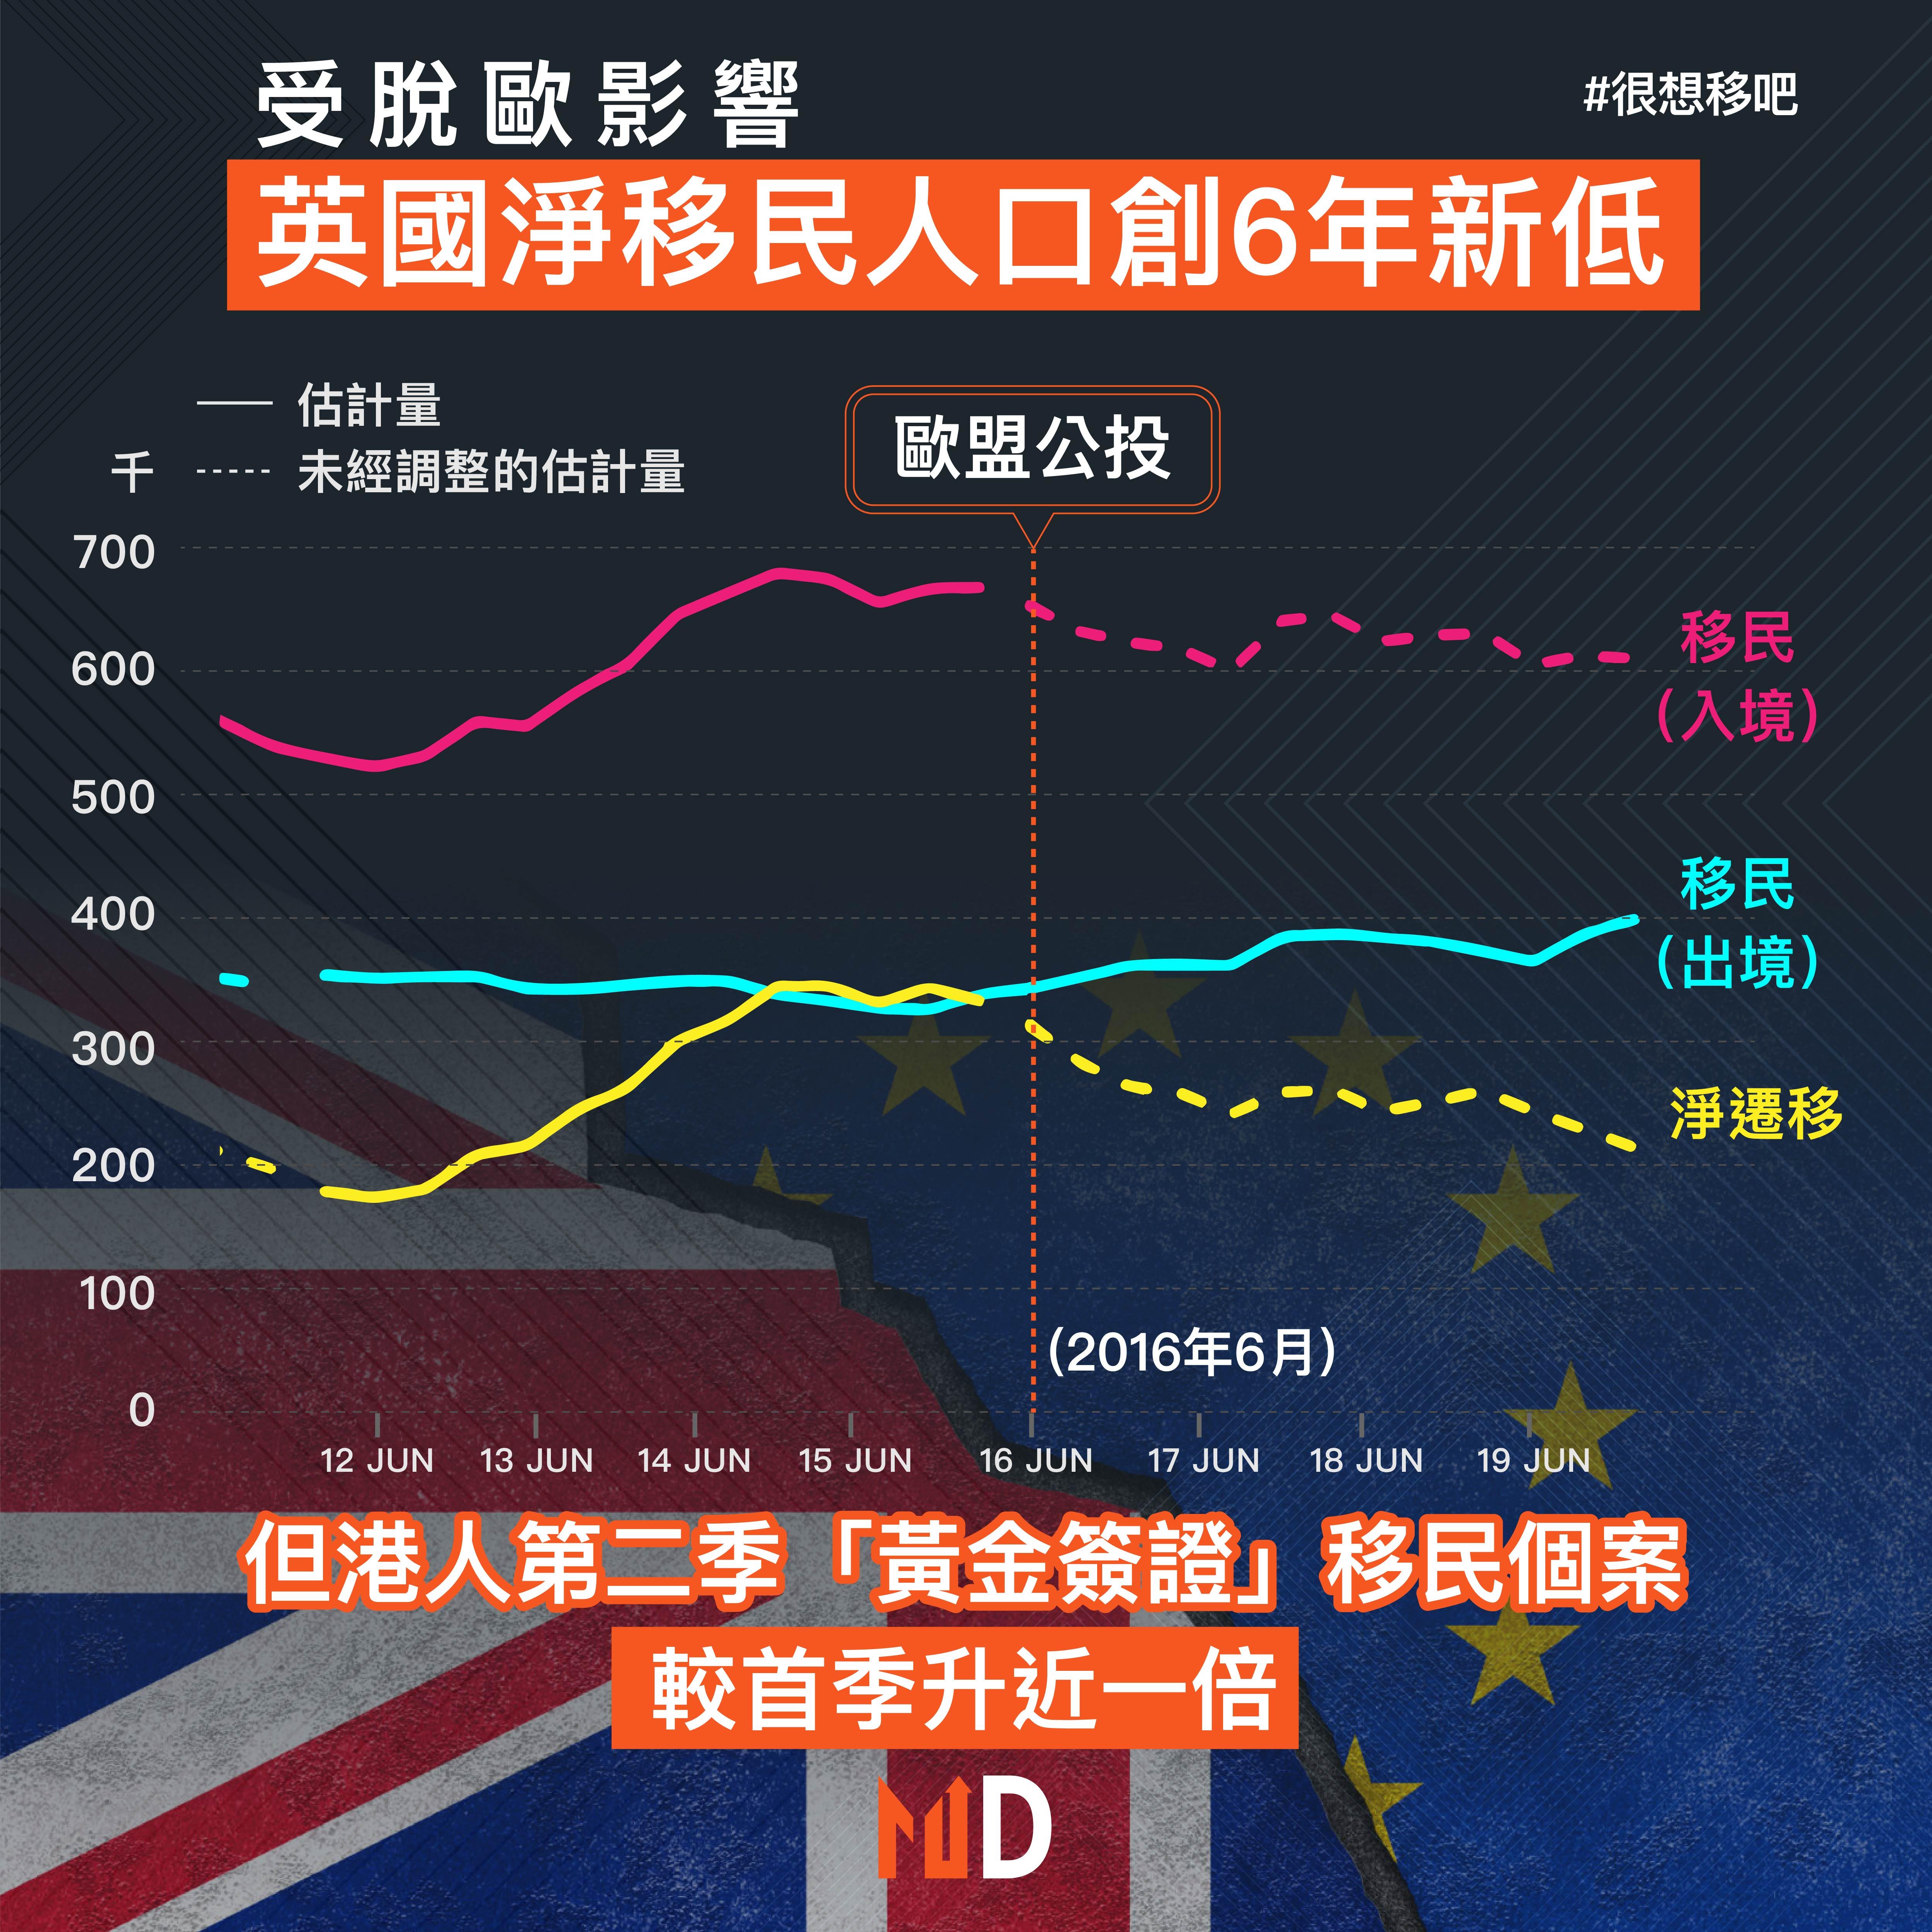 【很想移吧】 受脫歐影響 英國淨移民人口創6年新低